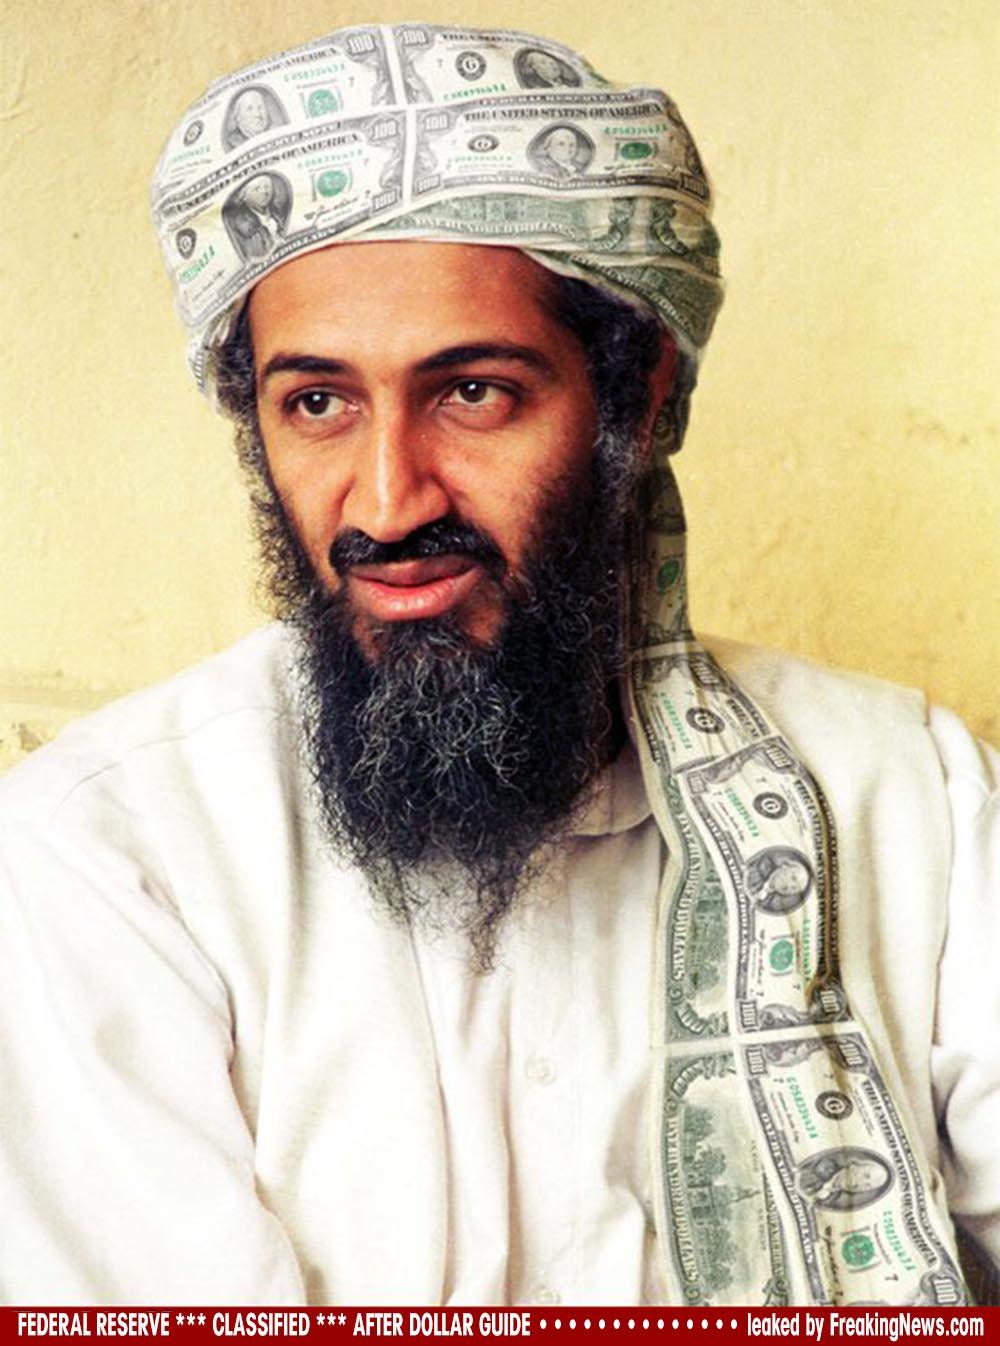 Geheimdokumente der Federal Reserve zur Nach Dollar Ära geleakt Dollar-Money-Turban-geld-mode-bekleidung